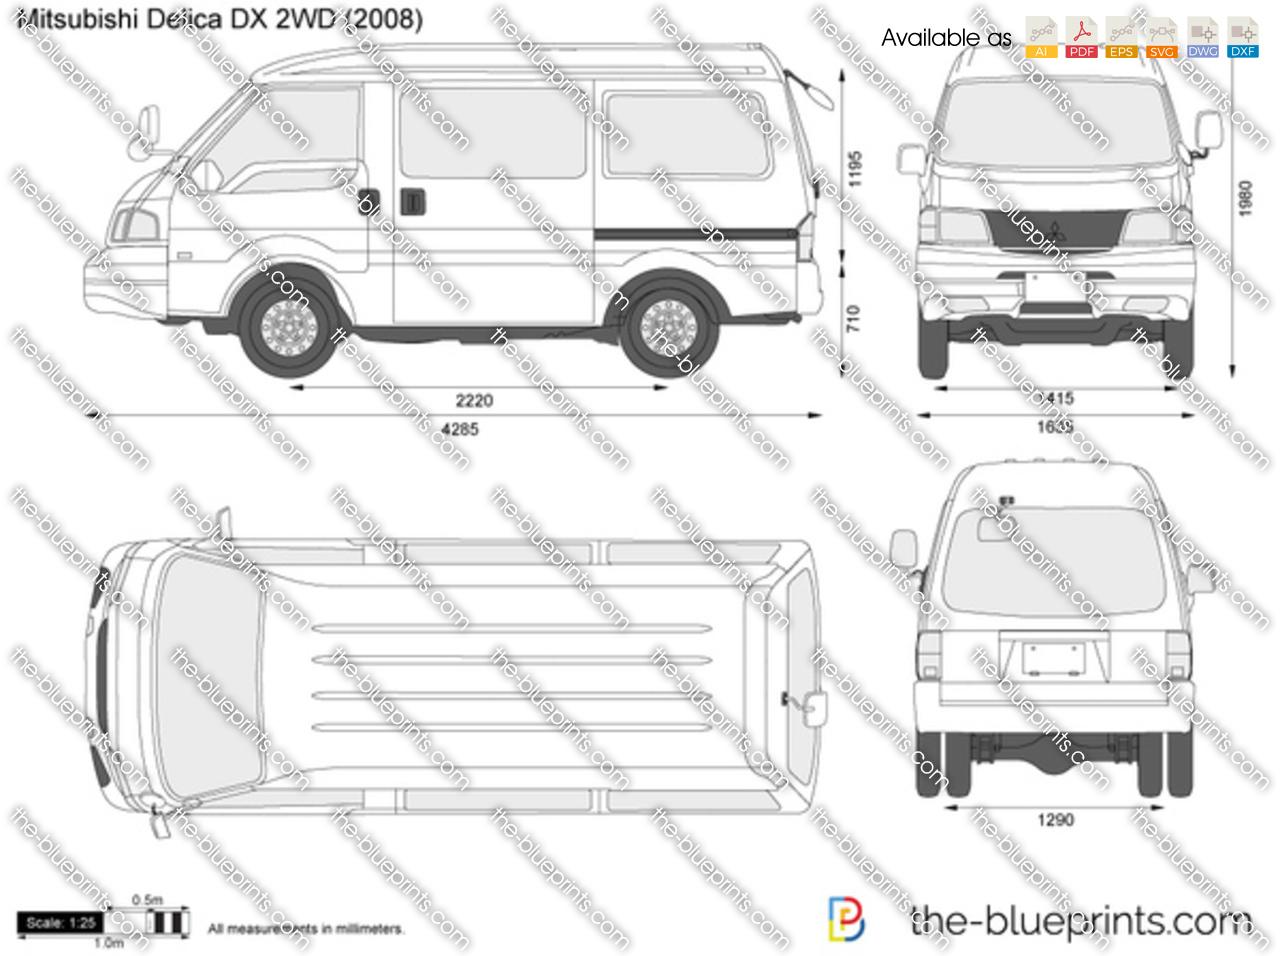 Mitsubishi Delica DX 2WD 1988